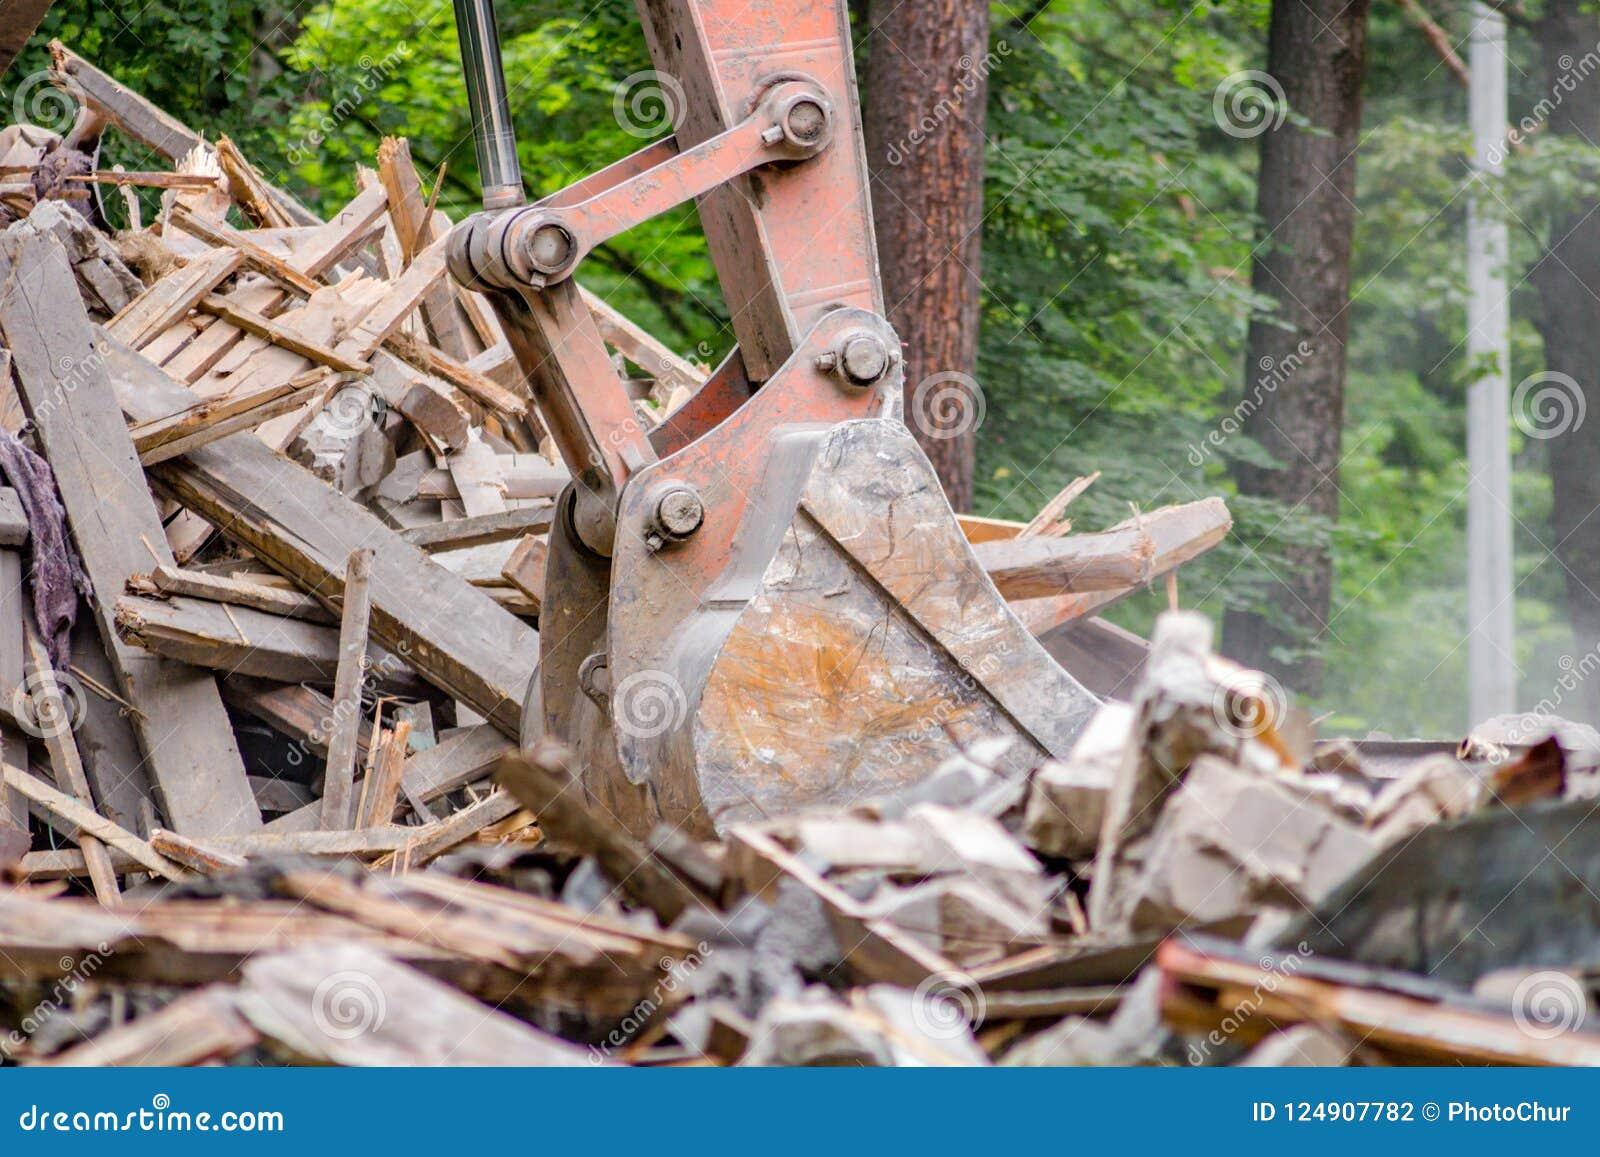 El cubo del excavador carga la ruina de construcción después de la demolición del edificio viejo